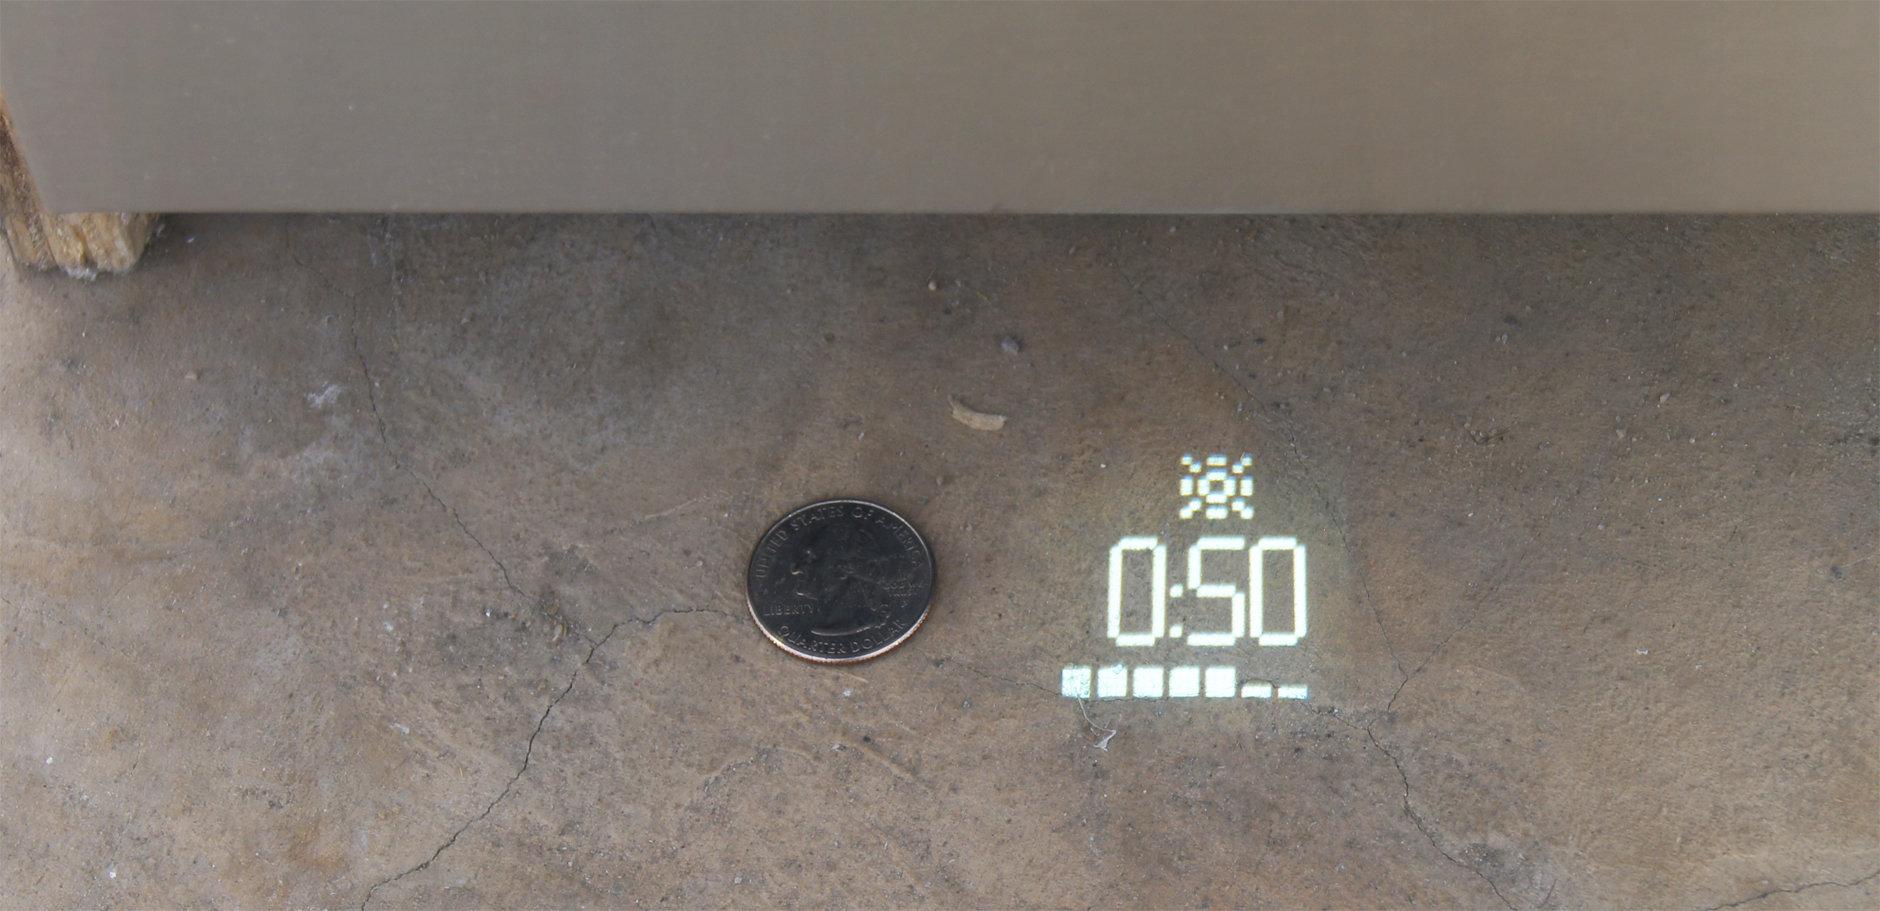 Bosch SHX7PT55UC Time Light